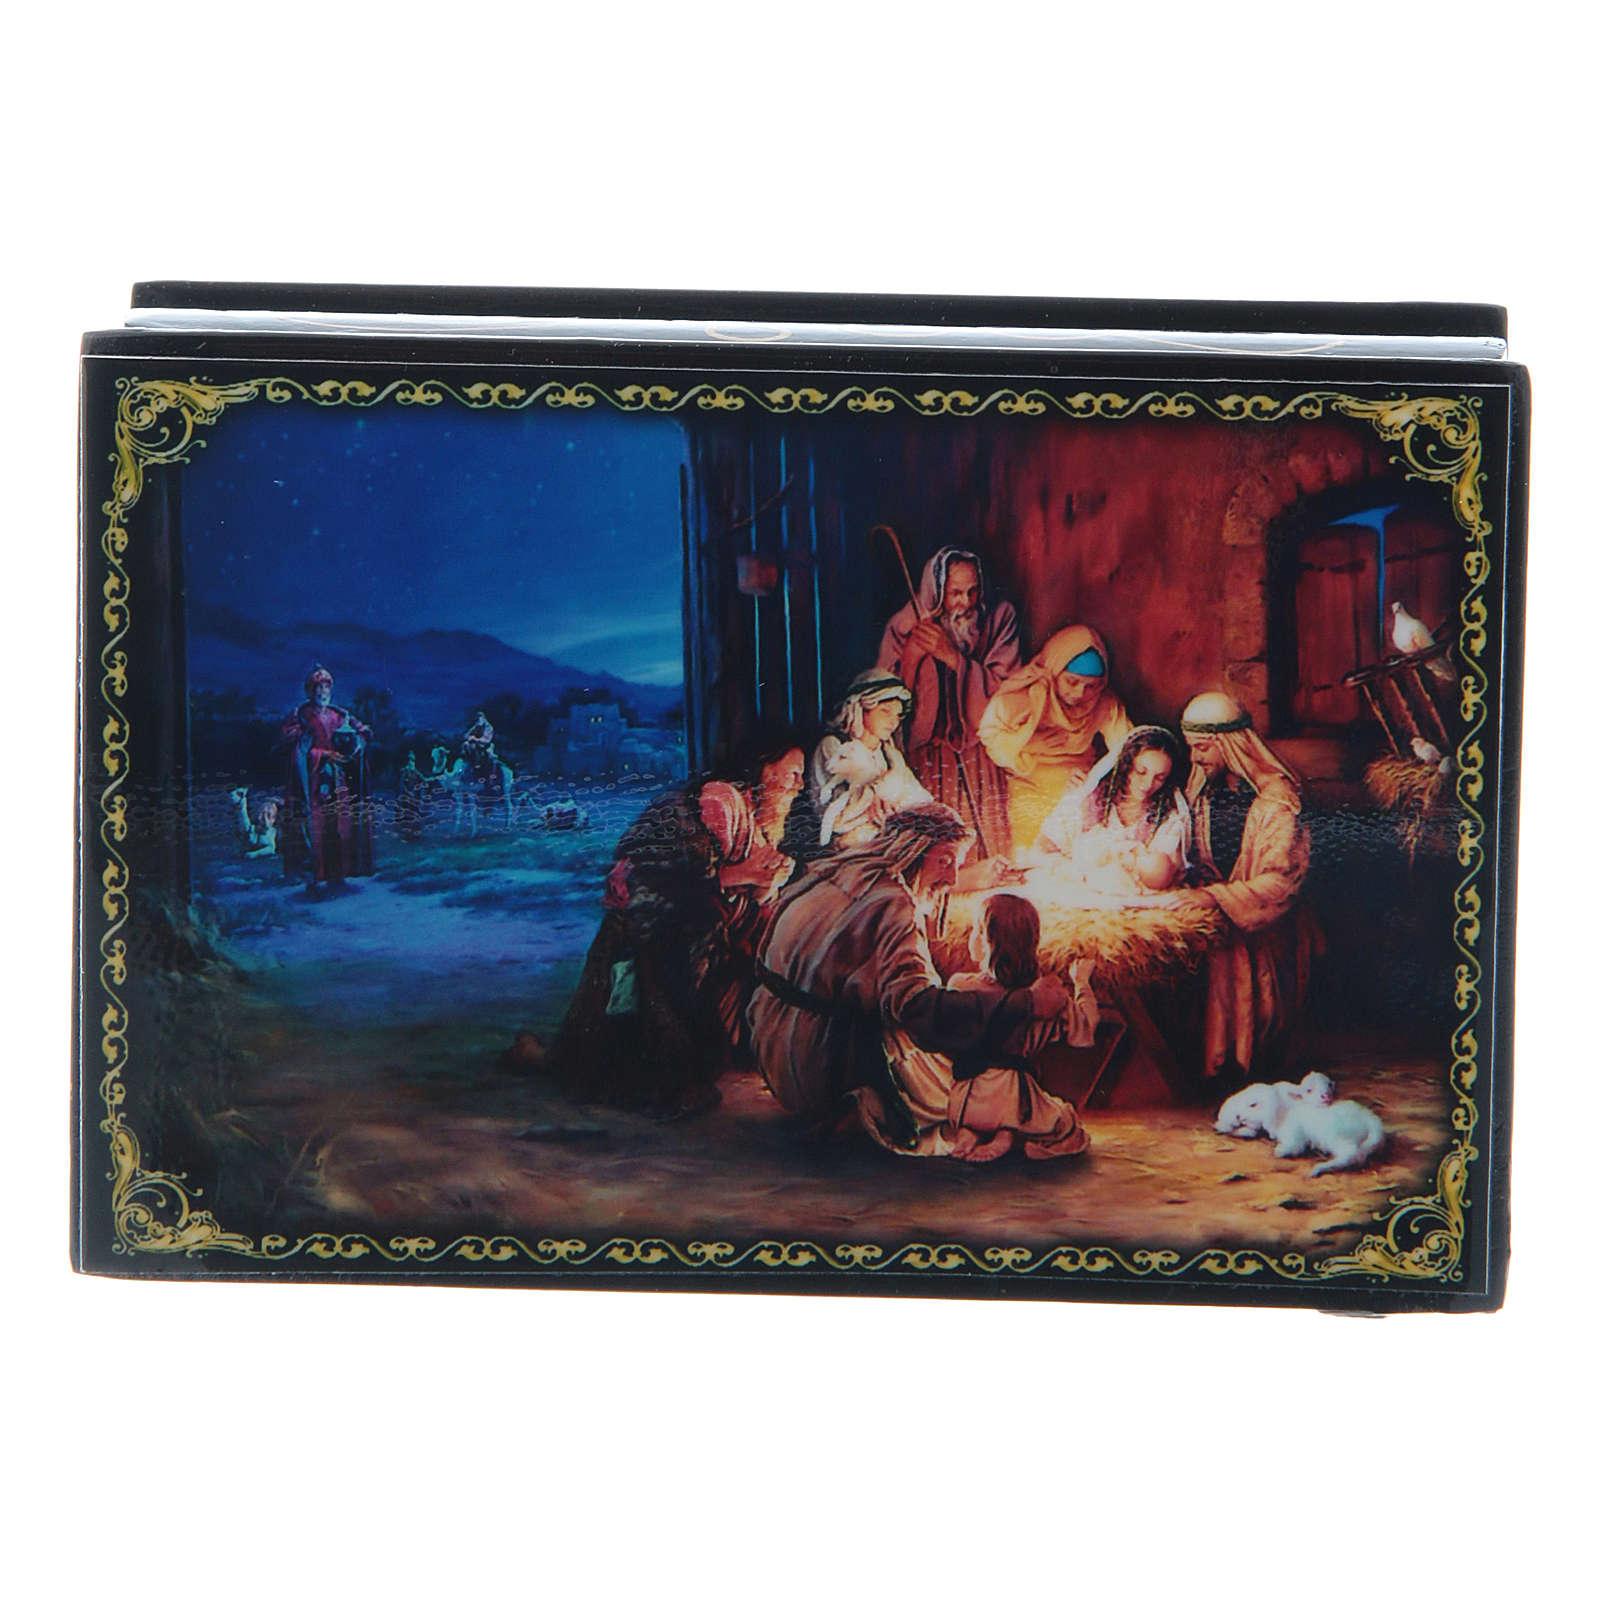 Lackdose aus Papiermaché Geburt Christi und Anbetung der Könige 9x6 cm 4